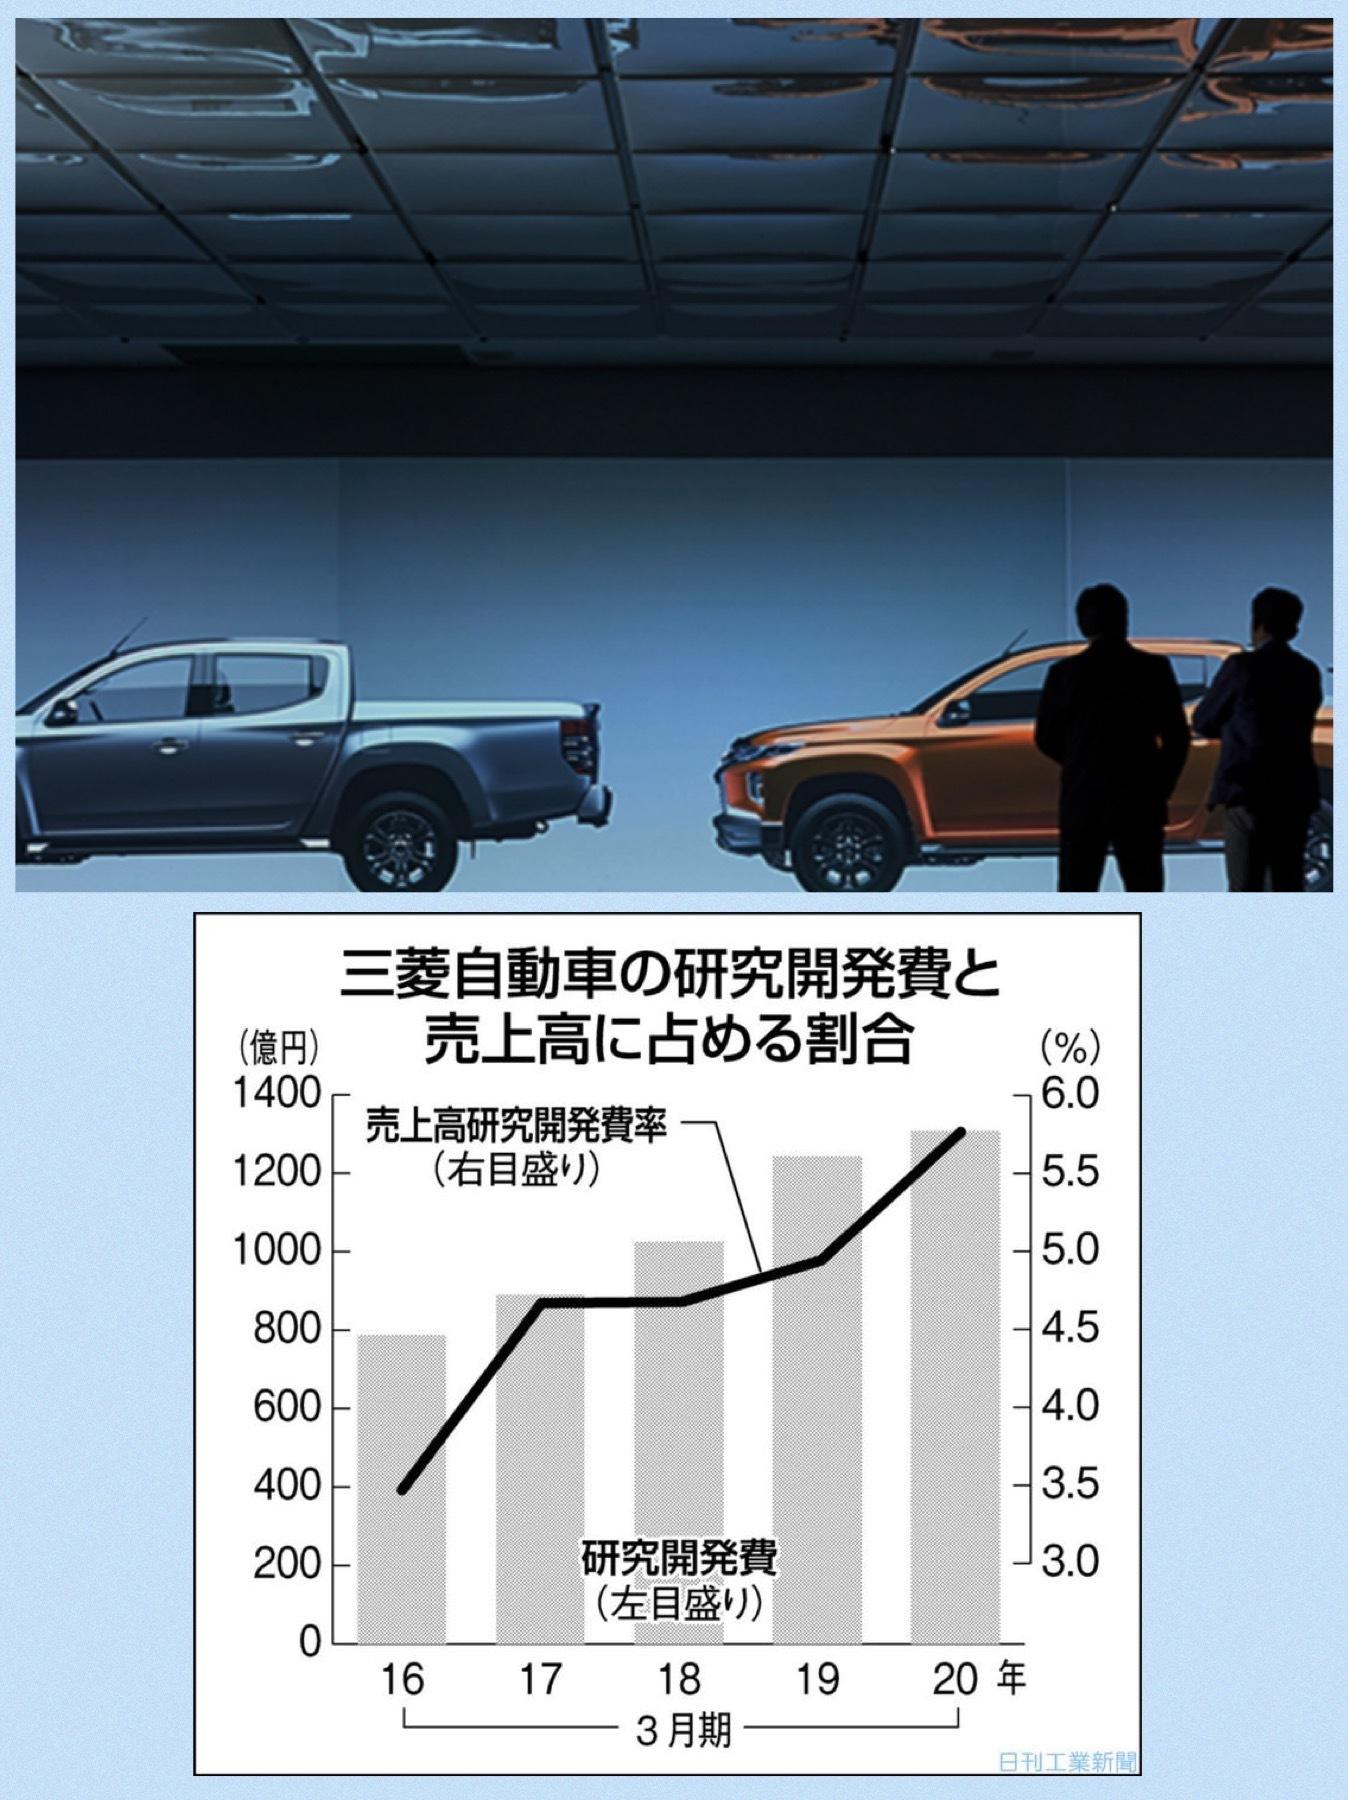 三菱自動車 経営 研究開発費